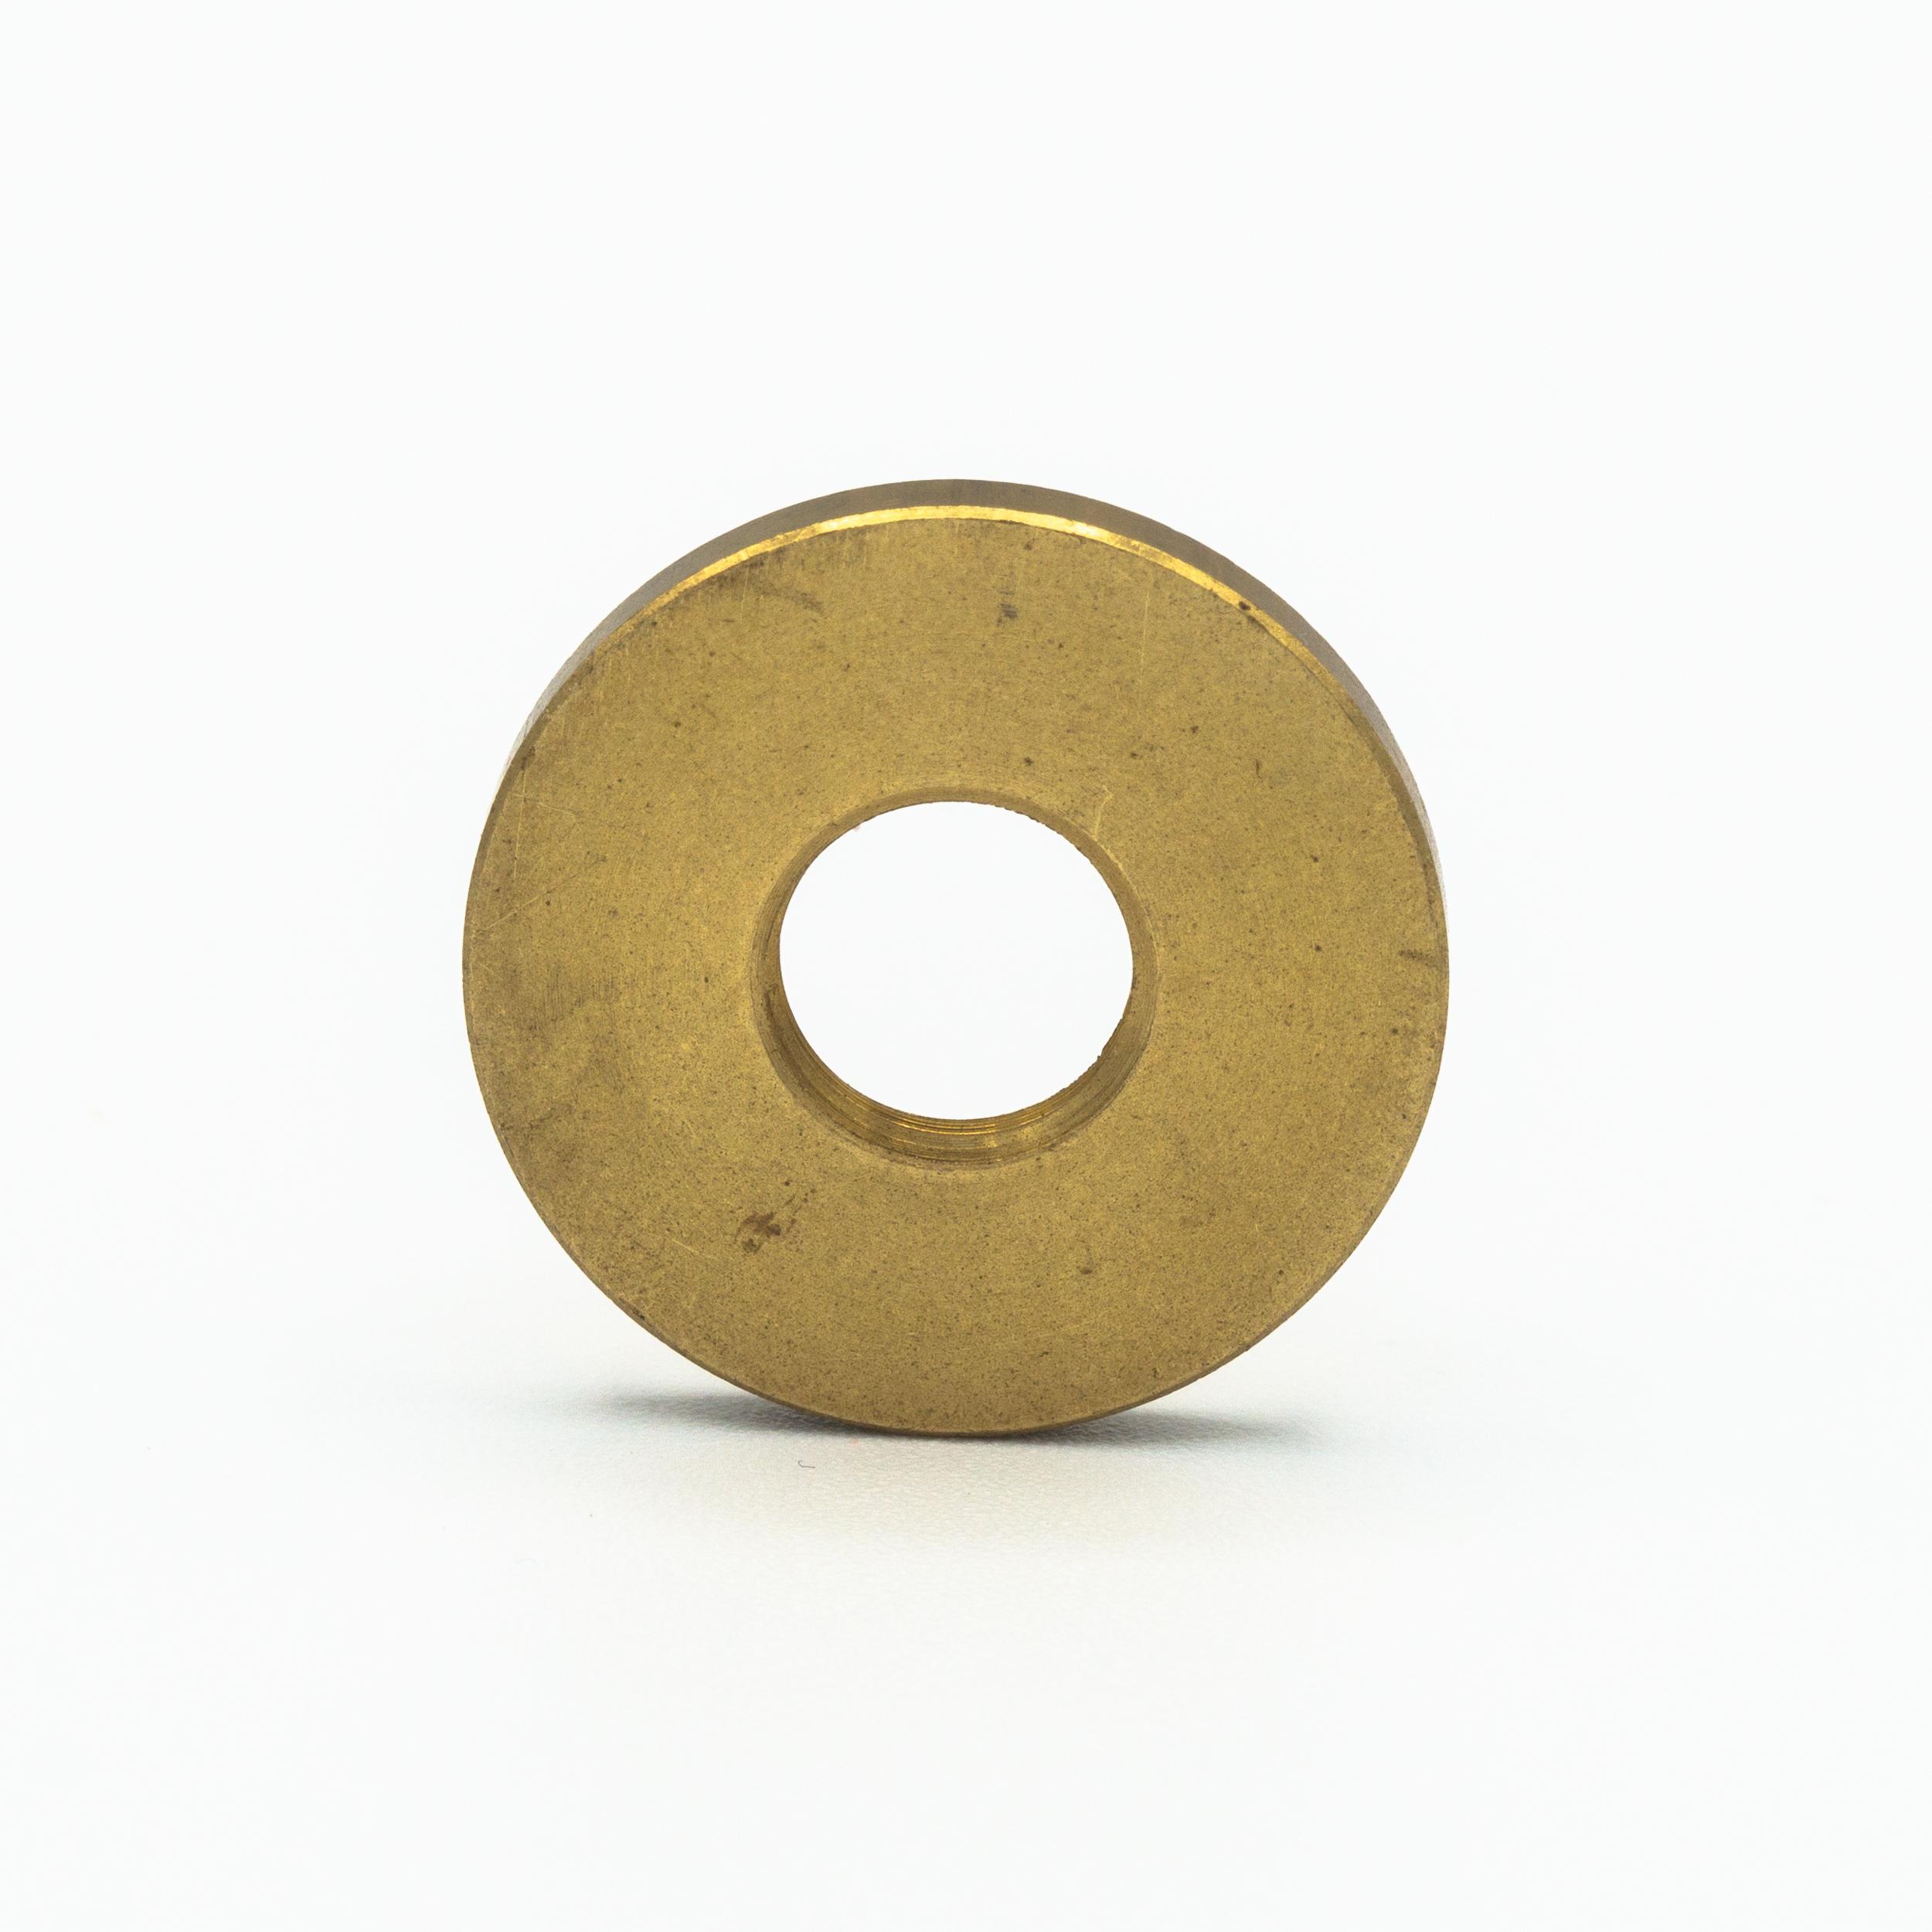 Rondella piana Ø25x3 mm M10x1 ottone grezzo